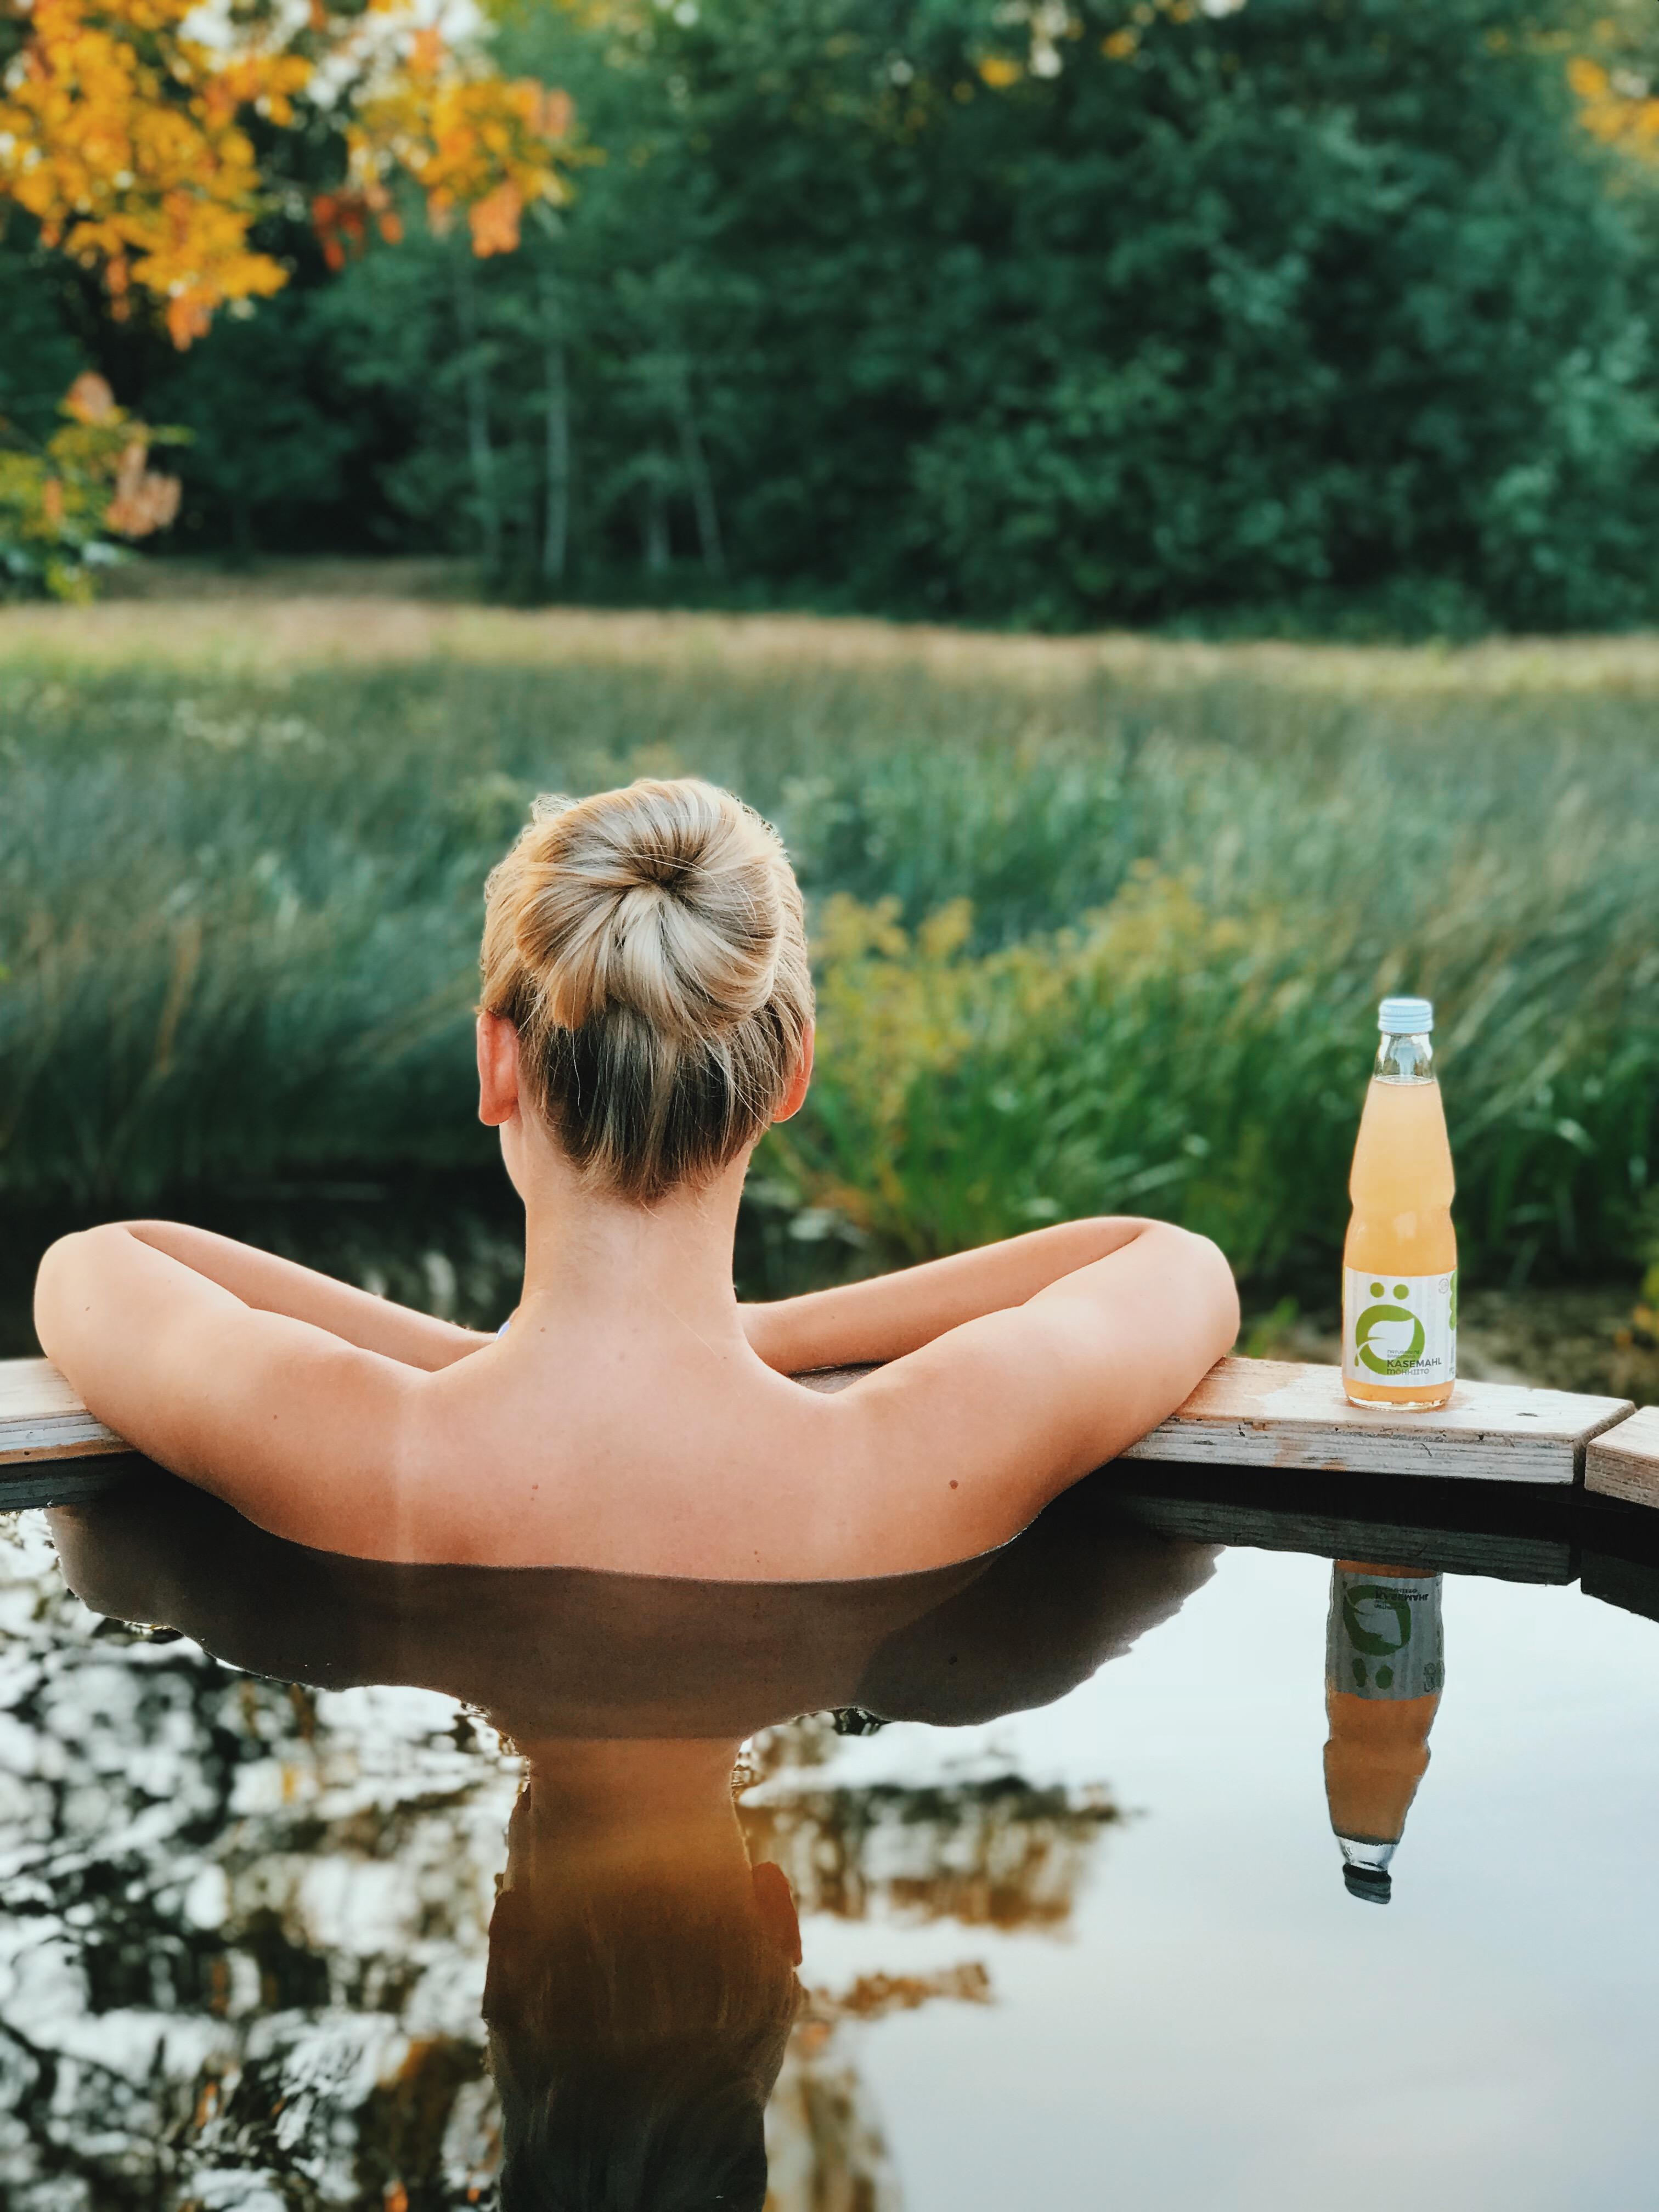 Blonde Frau trinkt ÖselBirch Birkendrinks in der Natur